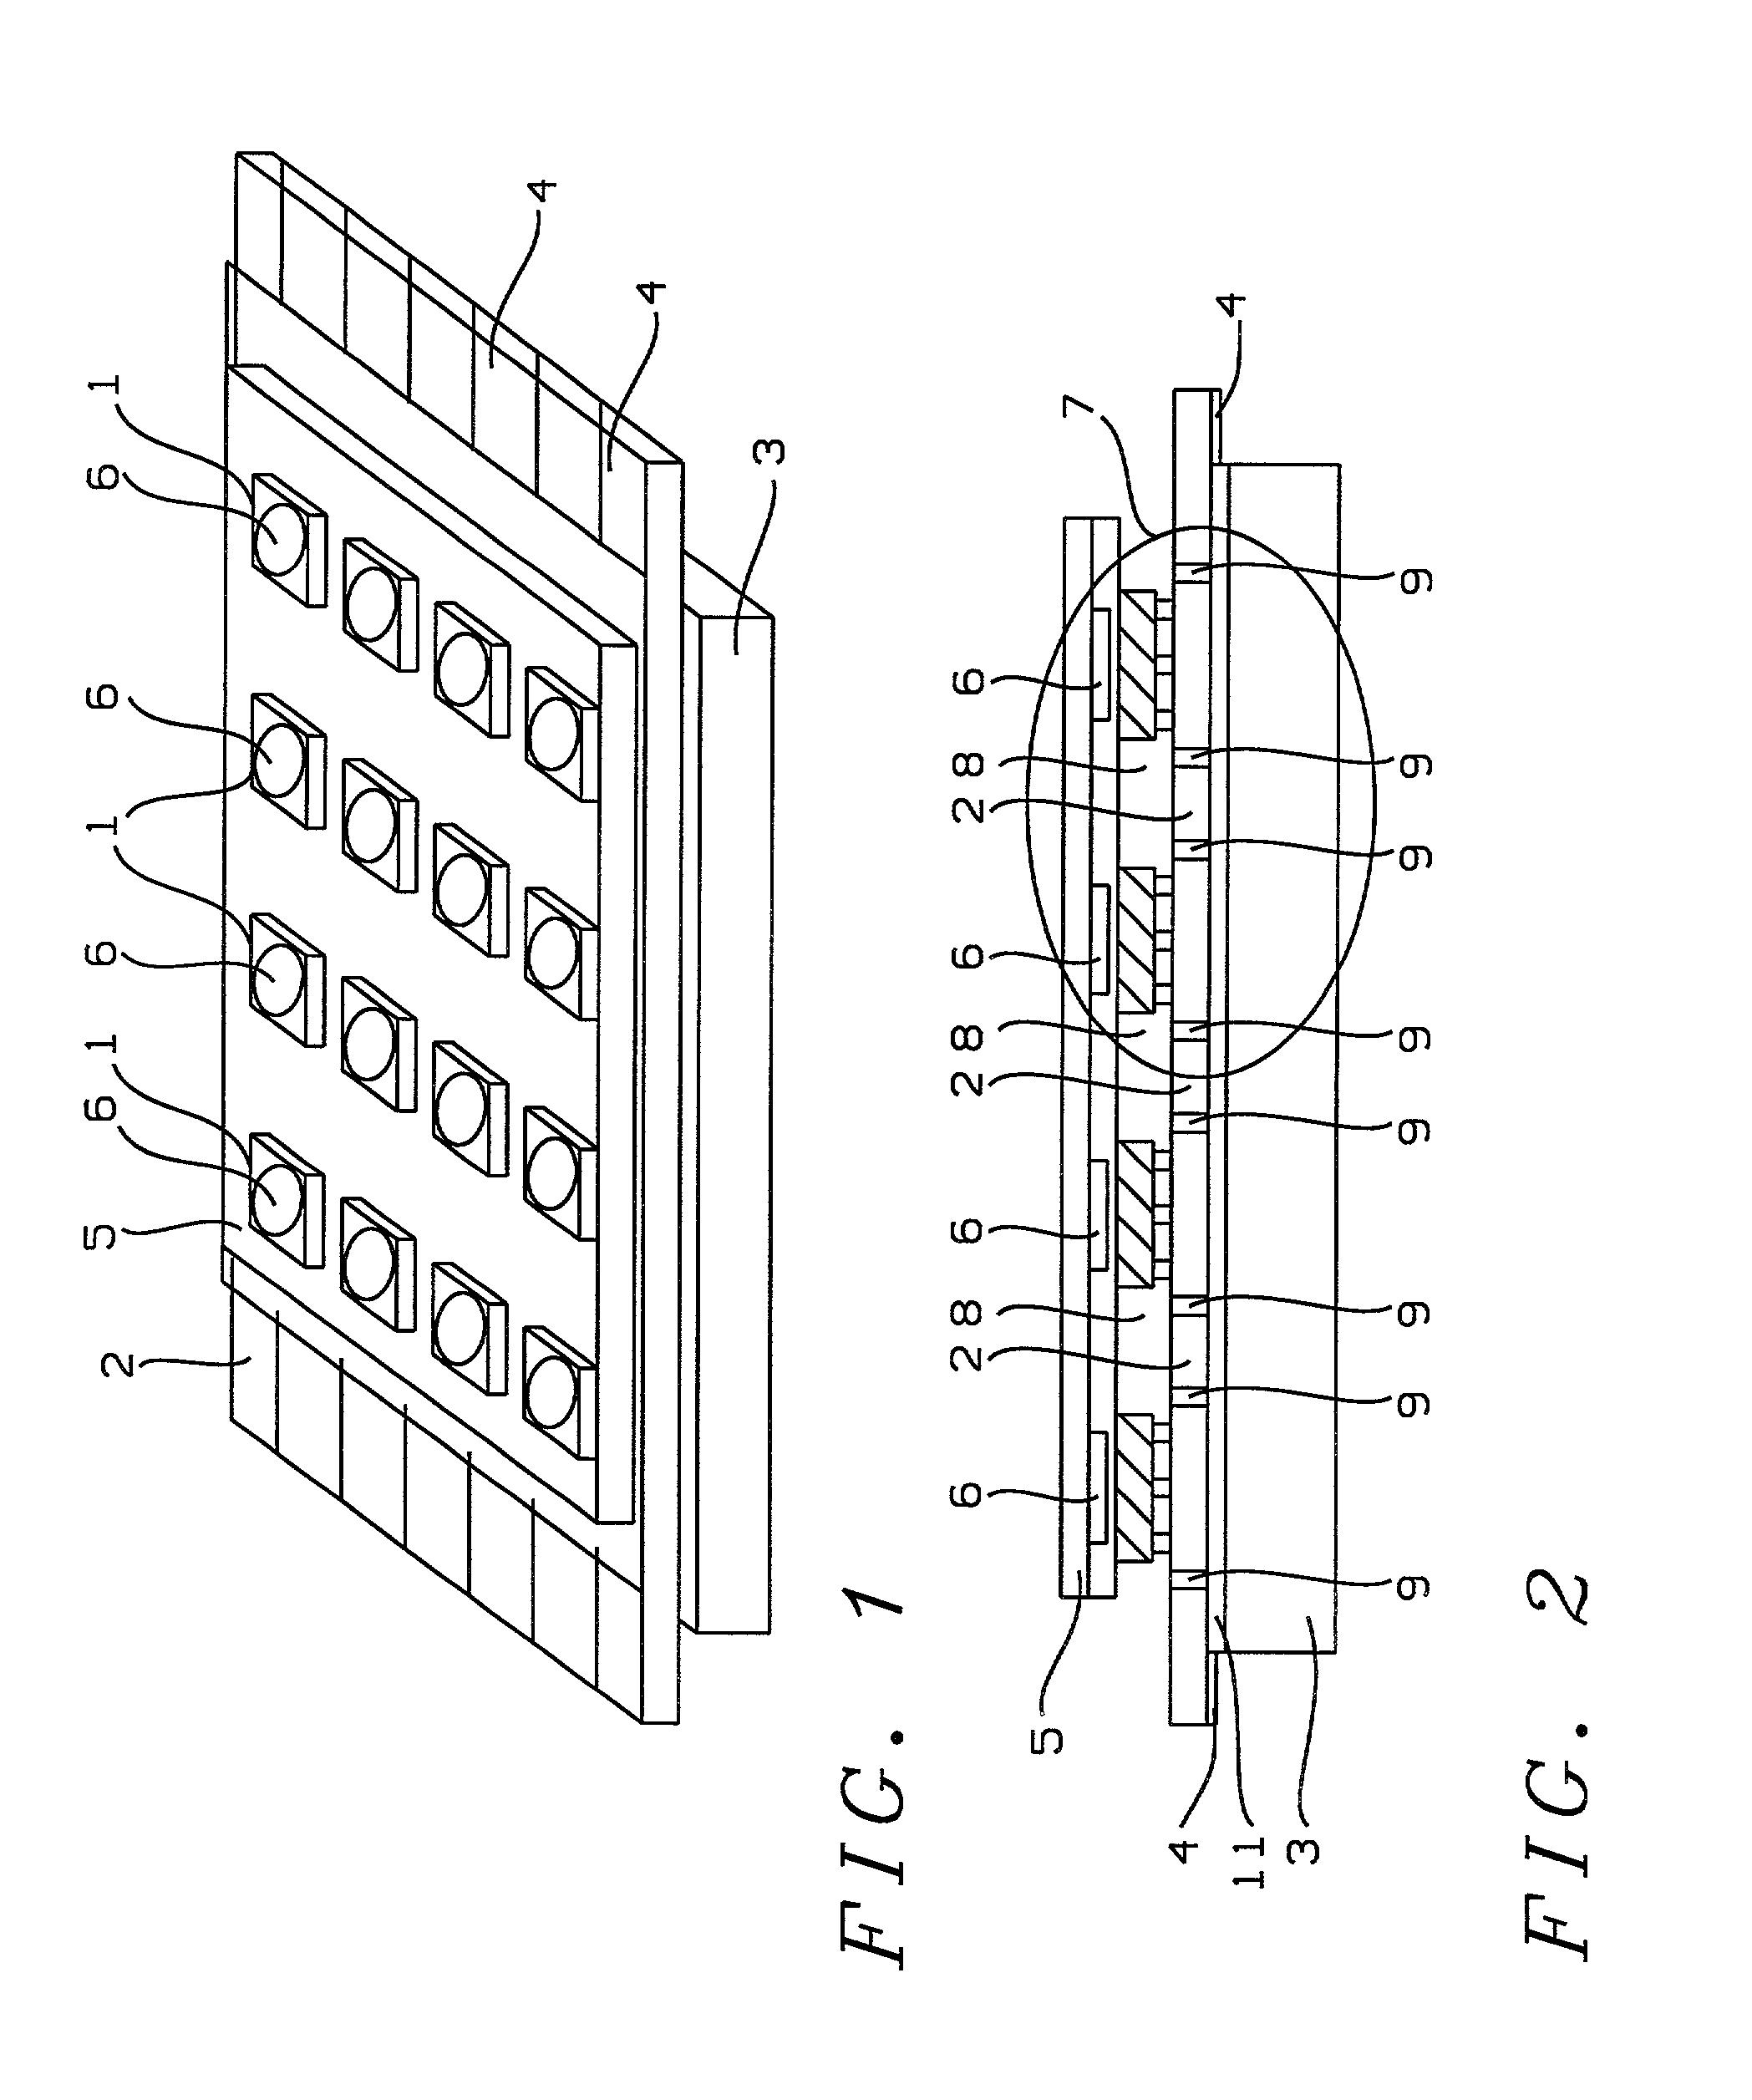 patent us20030008286